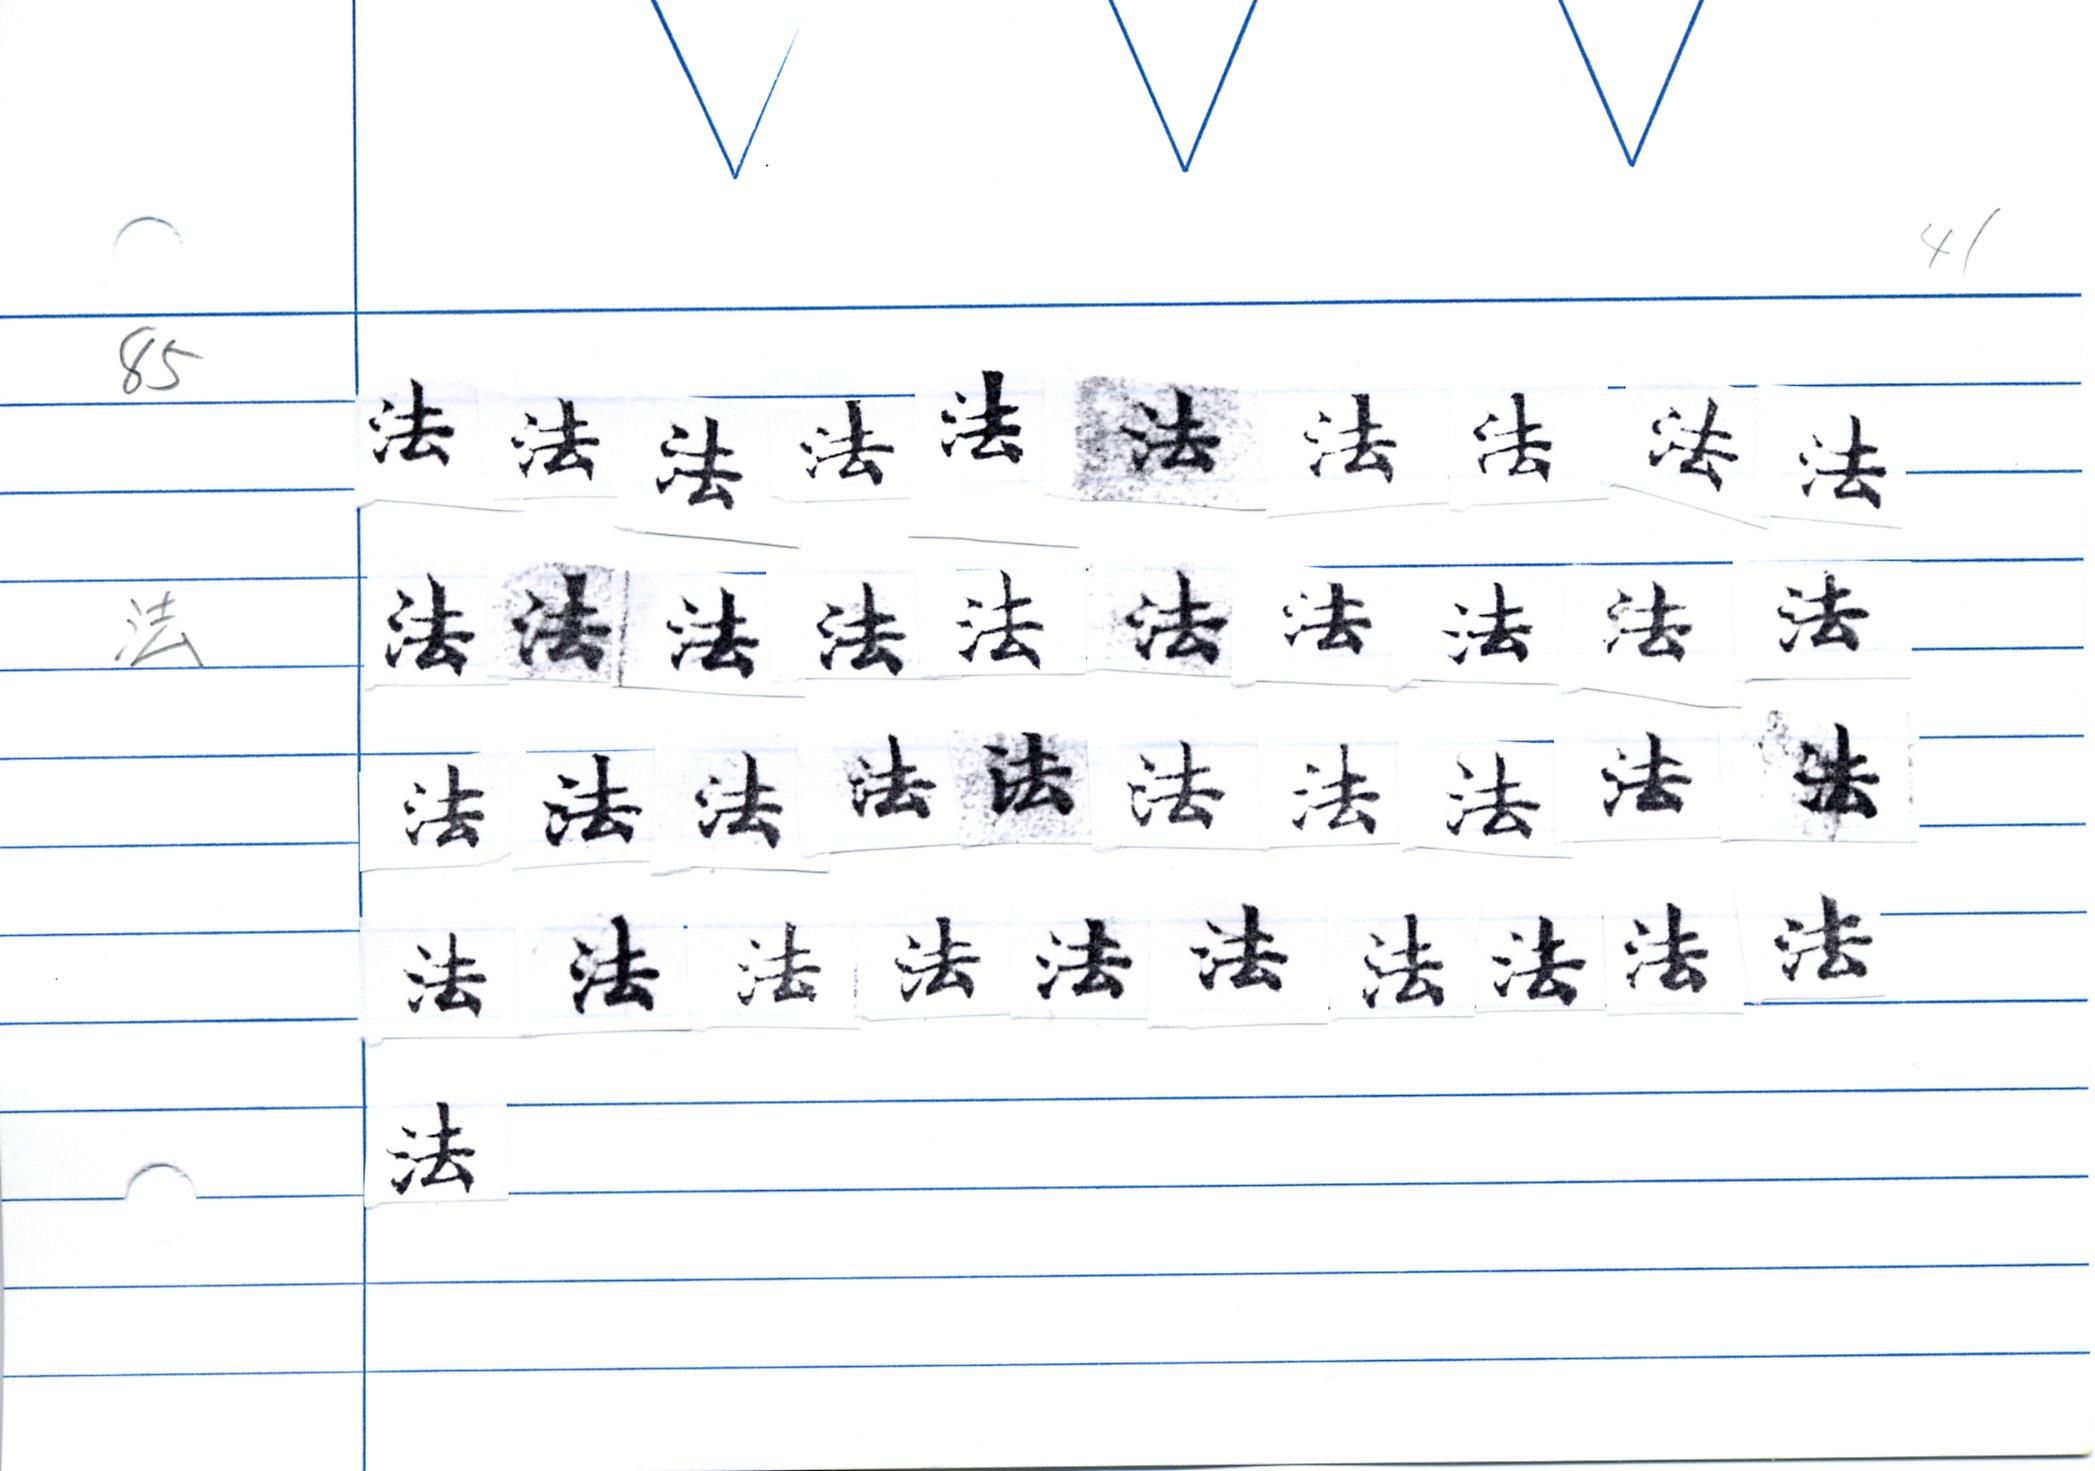 54_大般若經卷二百五十(和銅經)/cards/0133.JPG